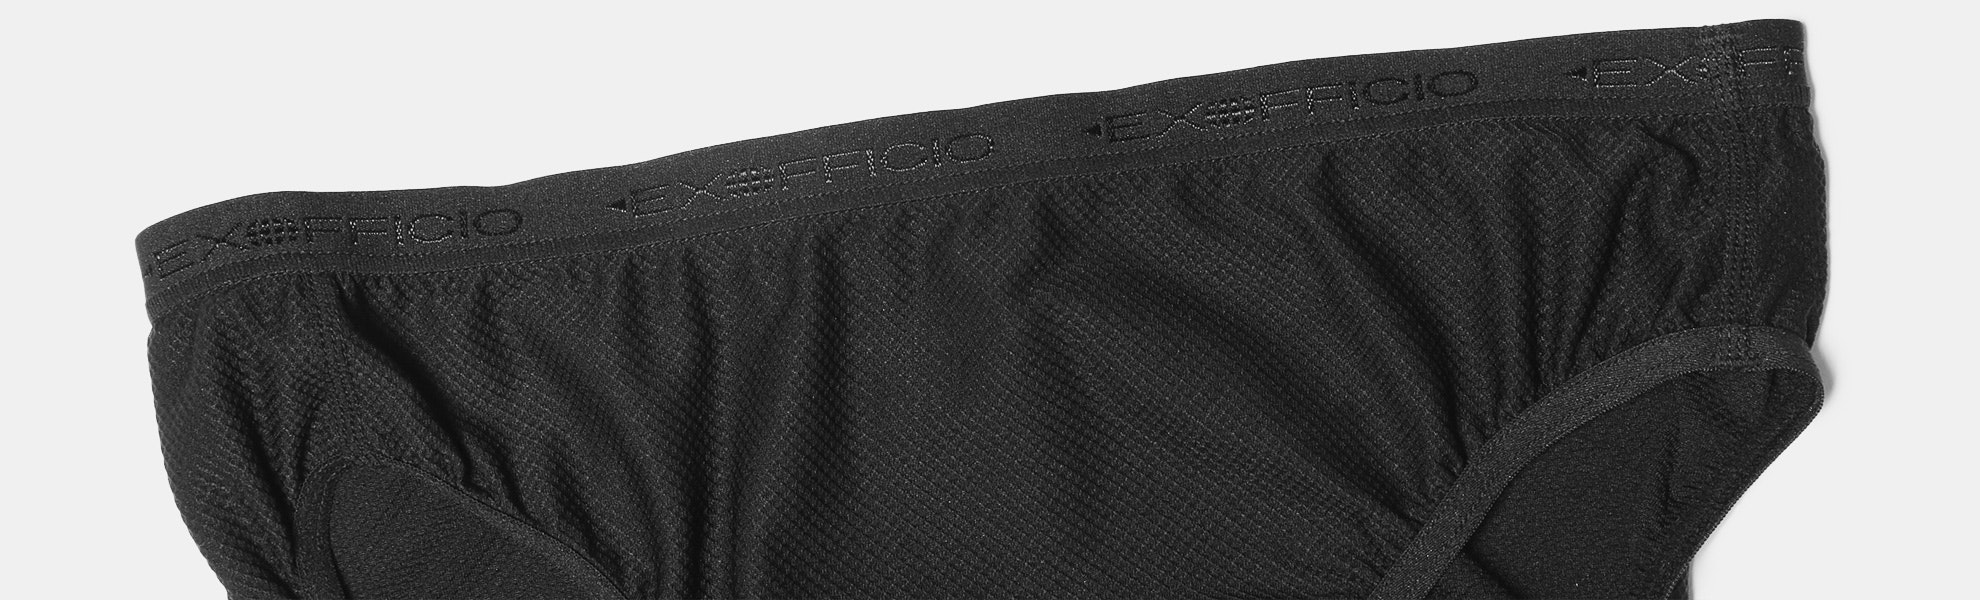 ExOfficio Women's Give-N-Go Underwear